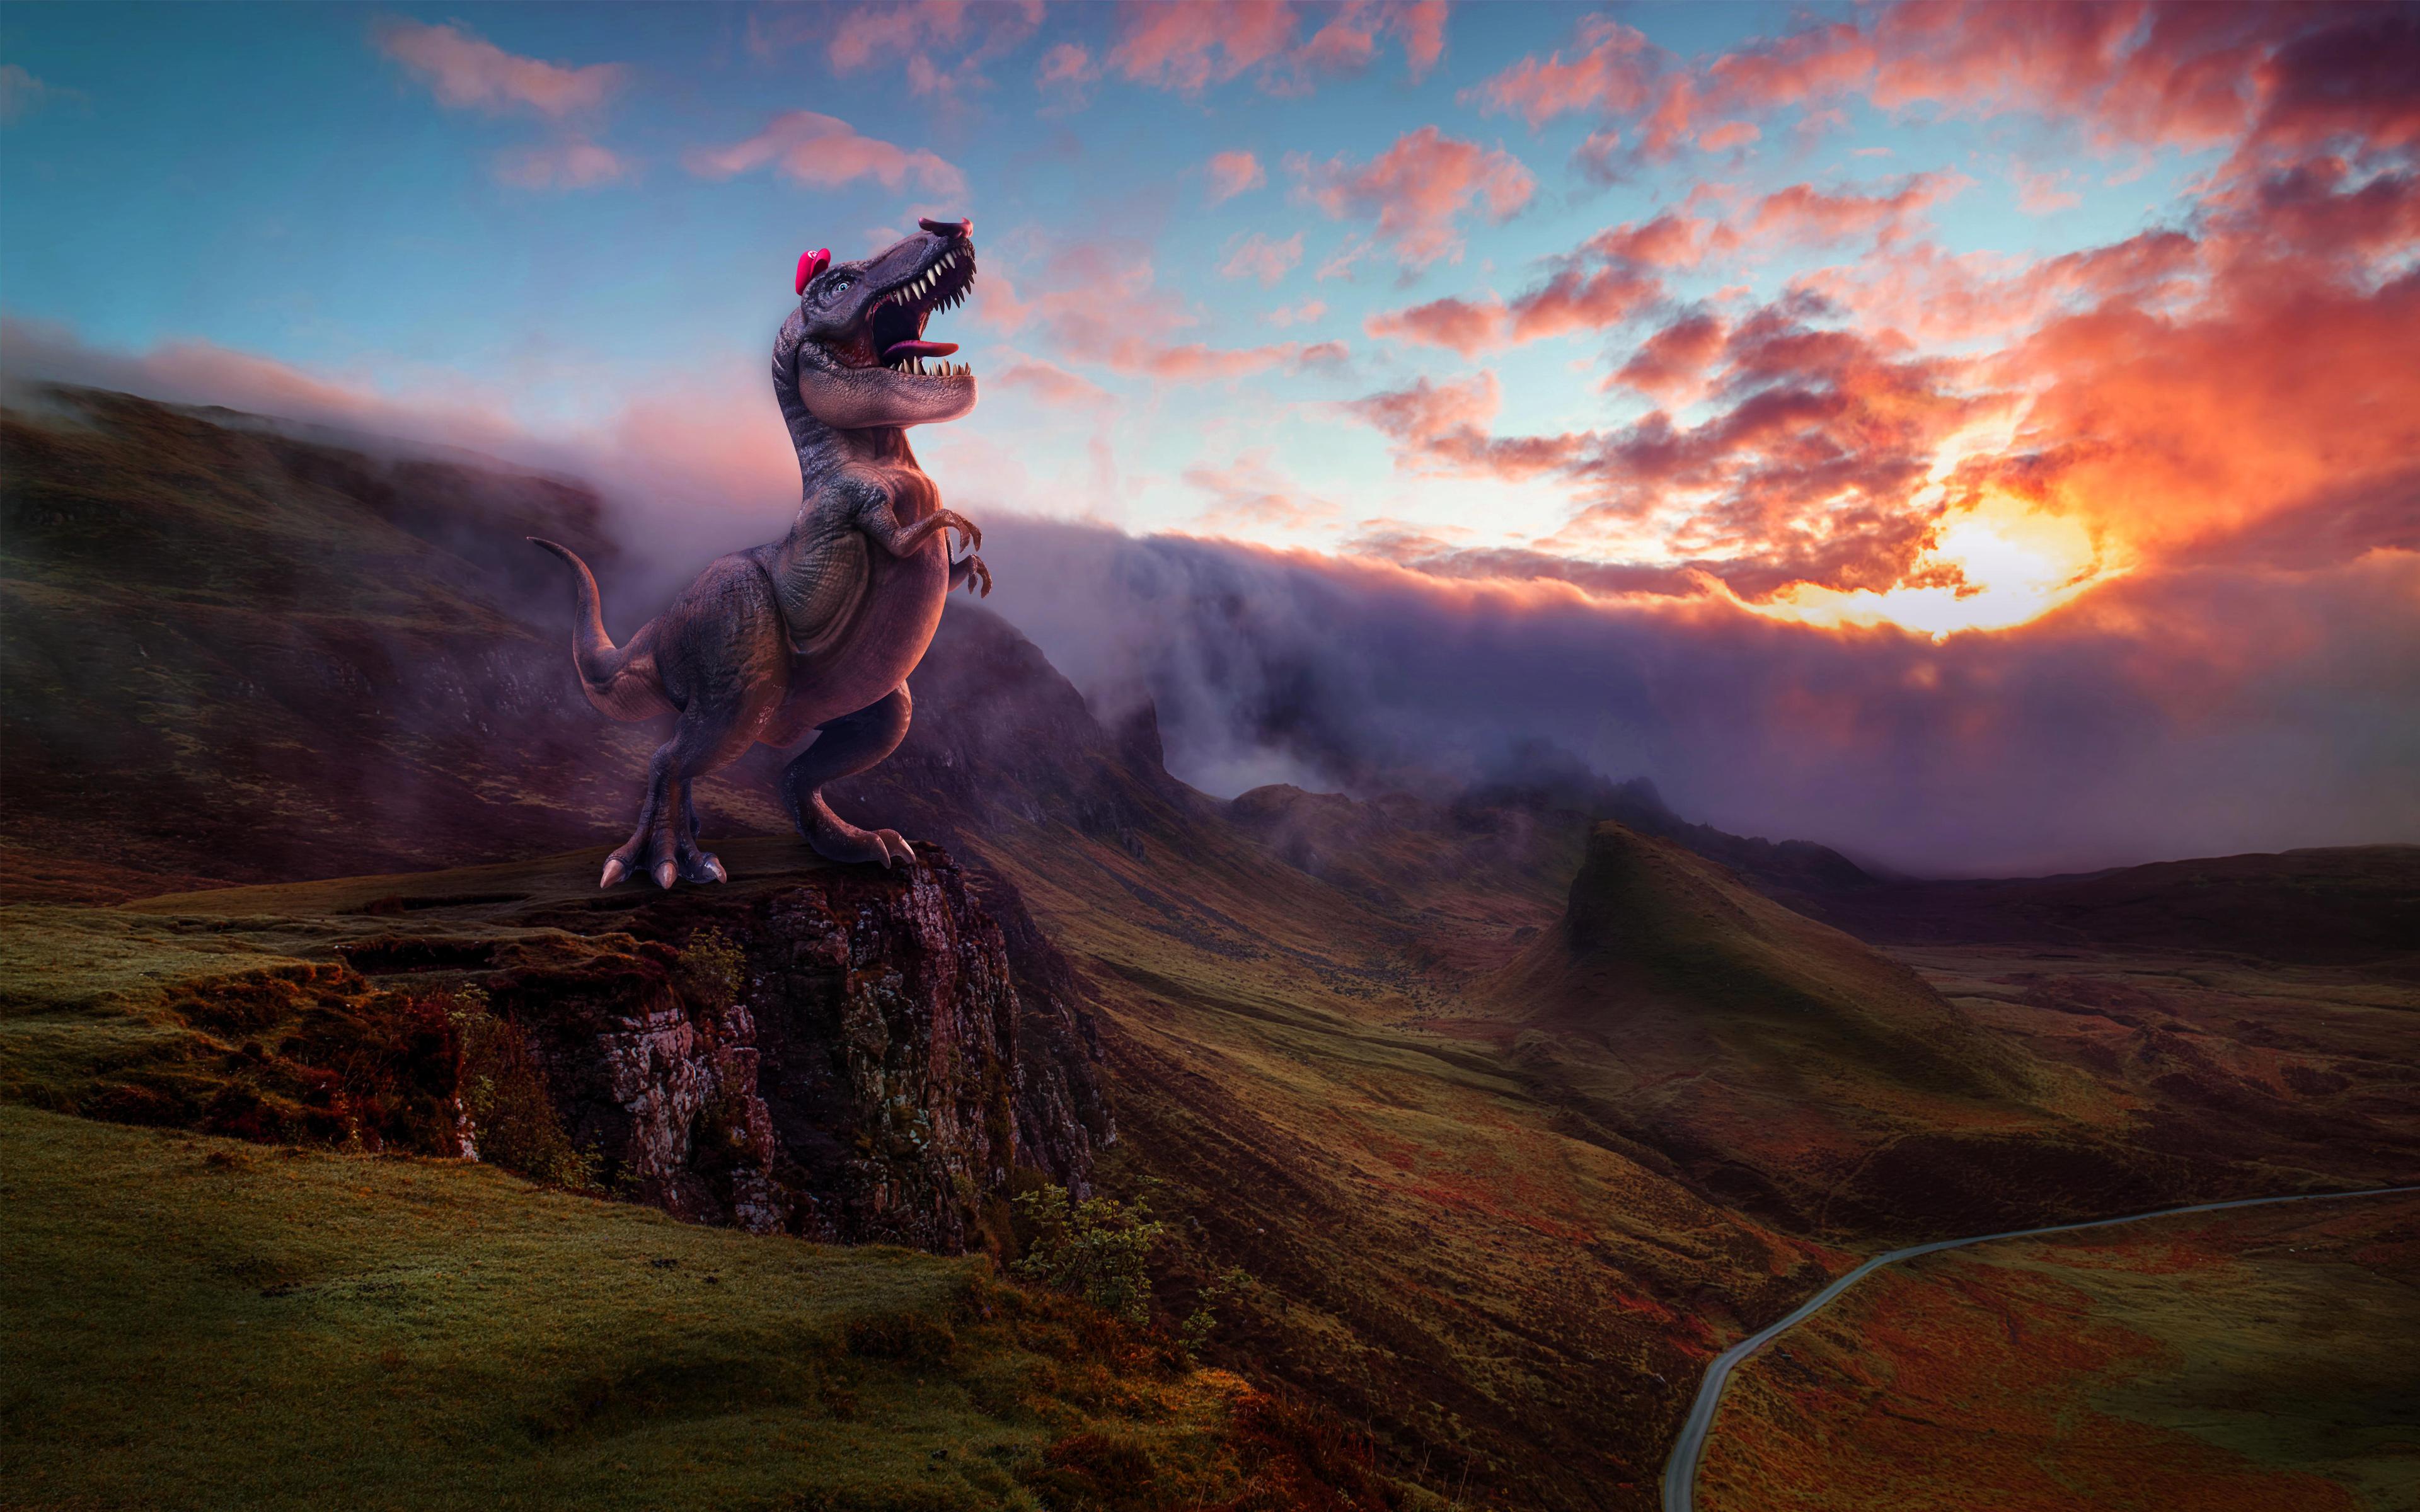 картинки супер динозавров образом все